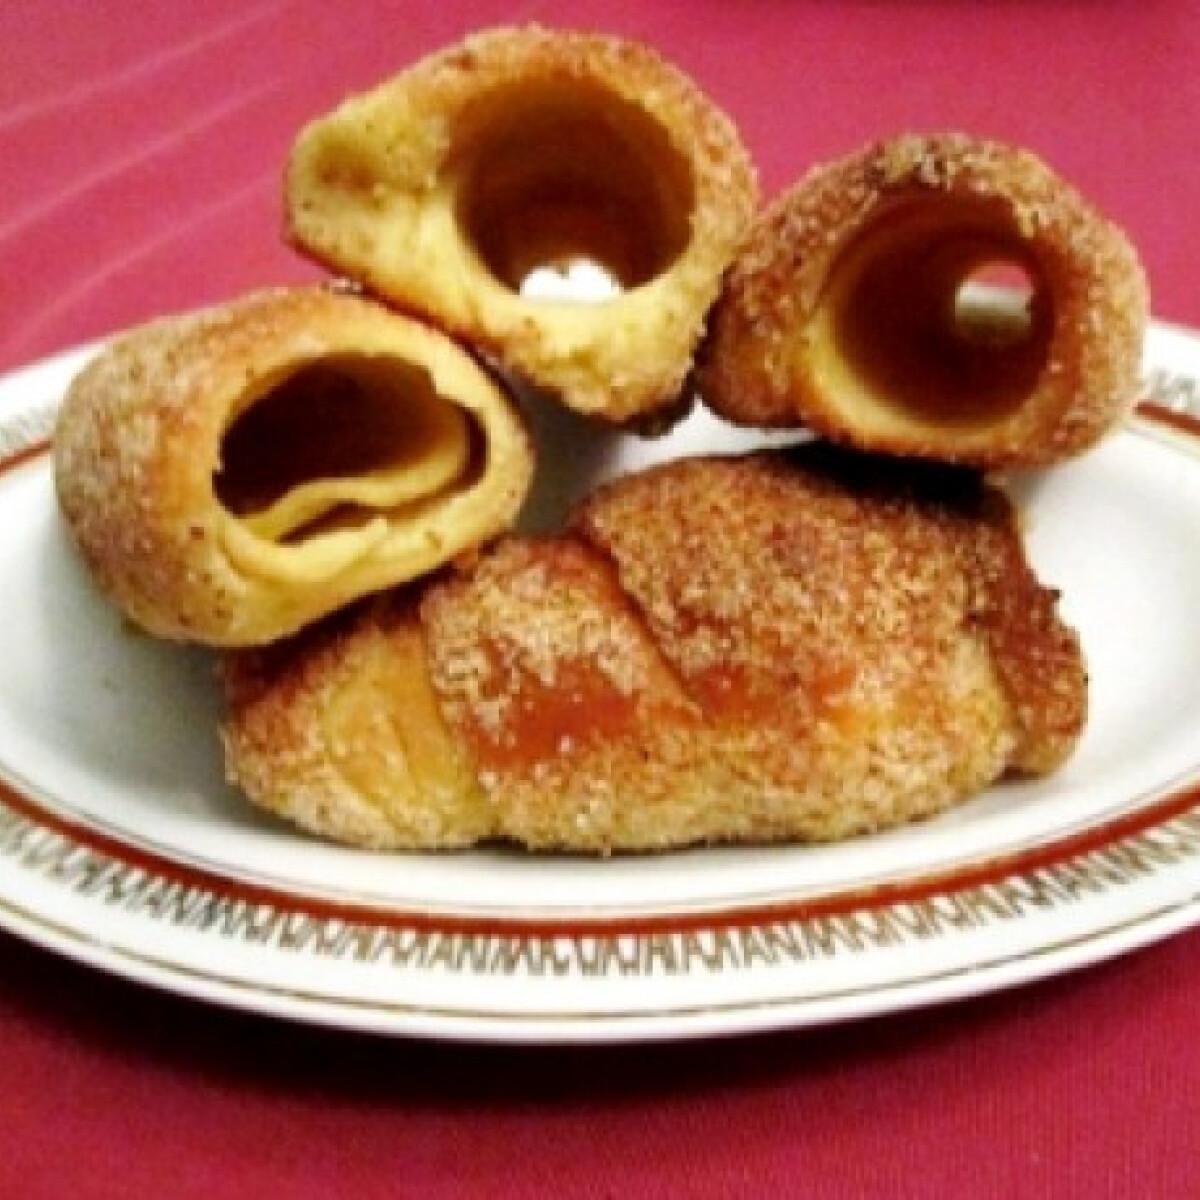 Ezen a képen: Mini kürtőskalács Olgis konyhájából